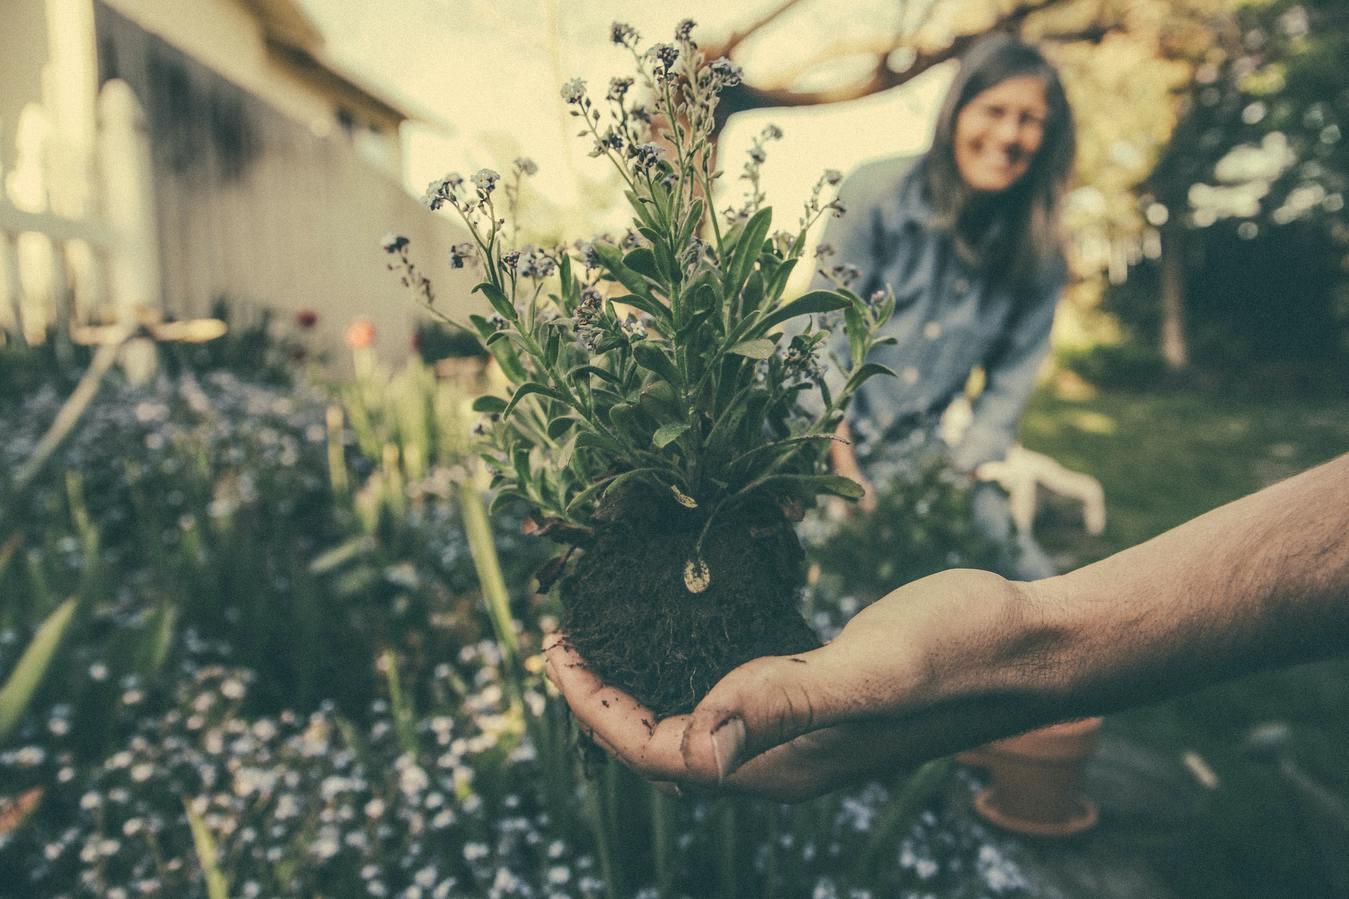 Una mano sosteniendo una flor en un jardín